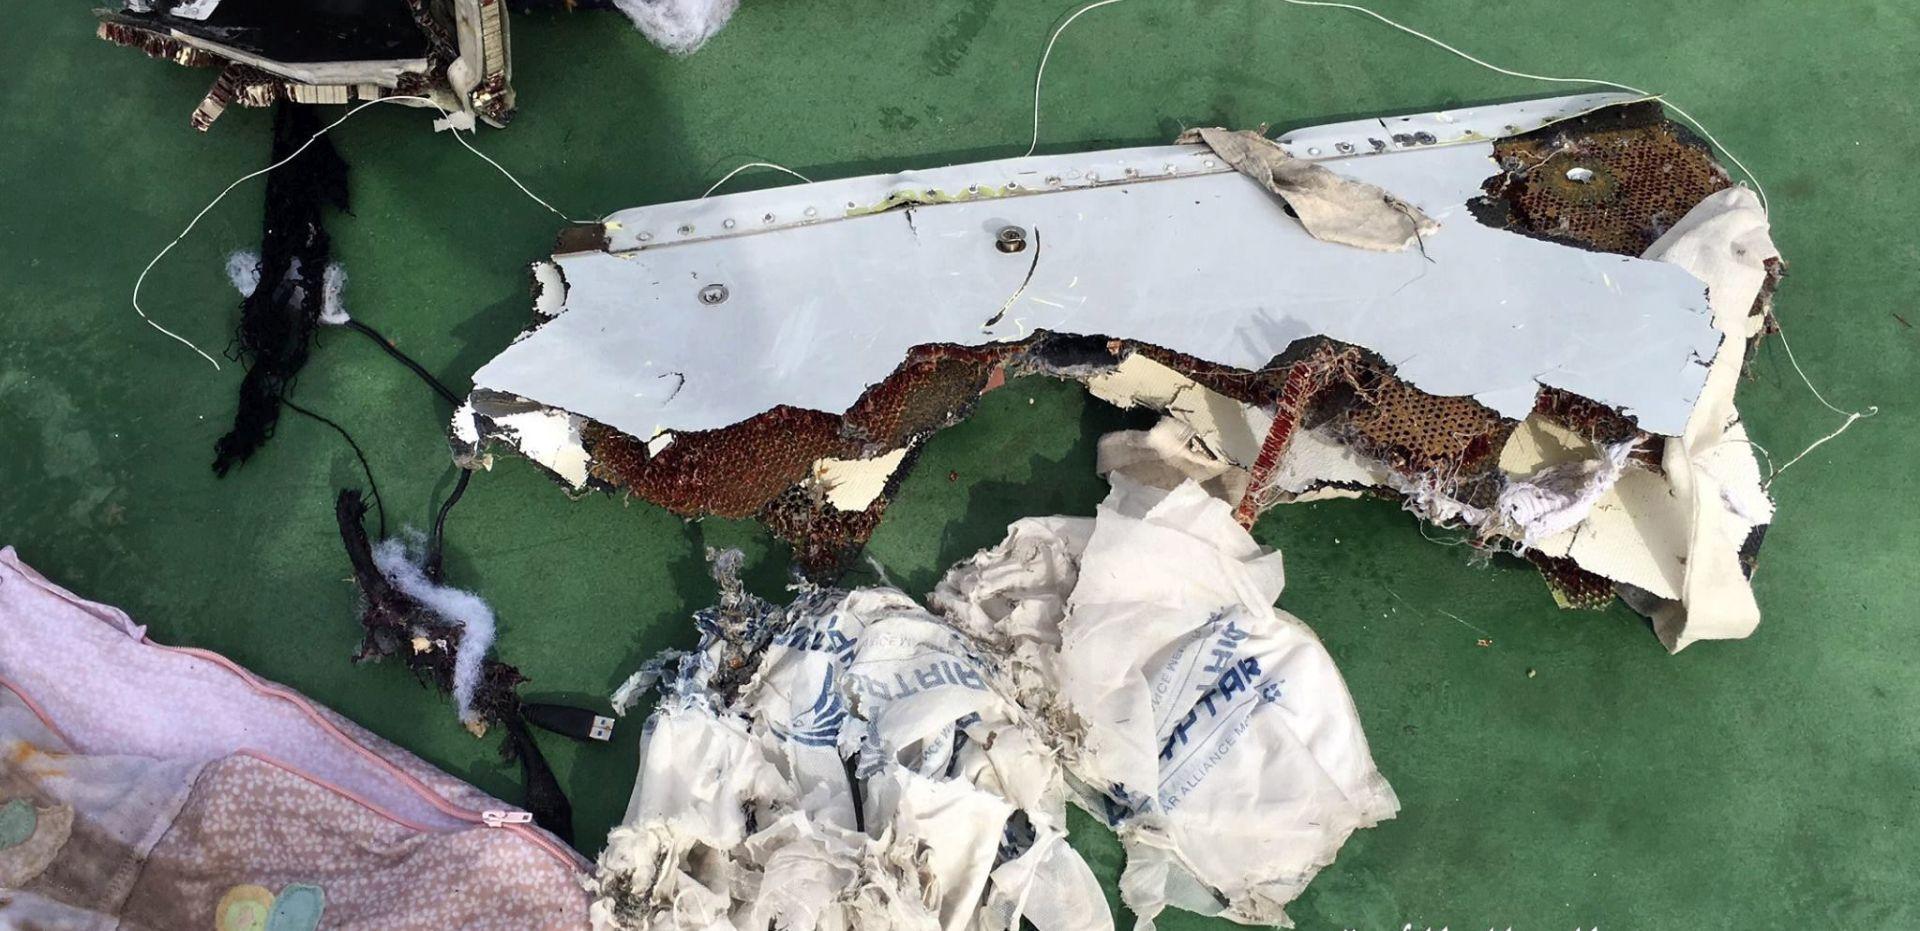 Tragovi eksploziva na tijelima žrtava nesreće egipatskog zrakoplova